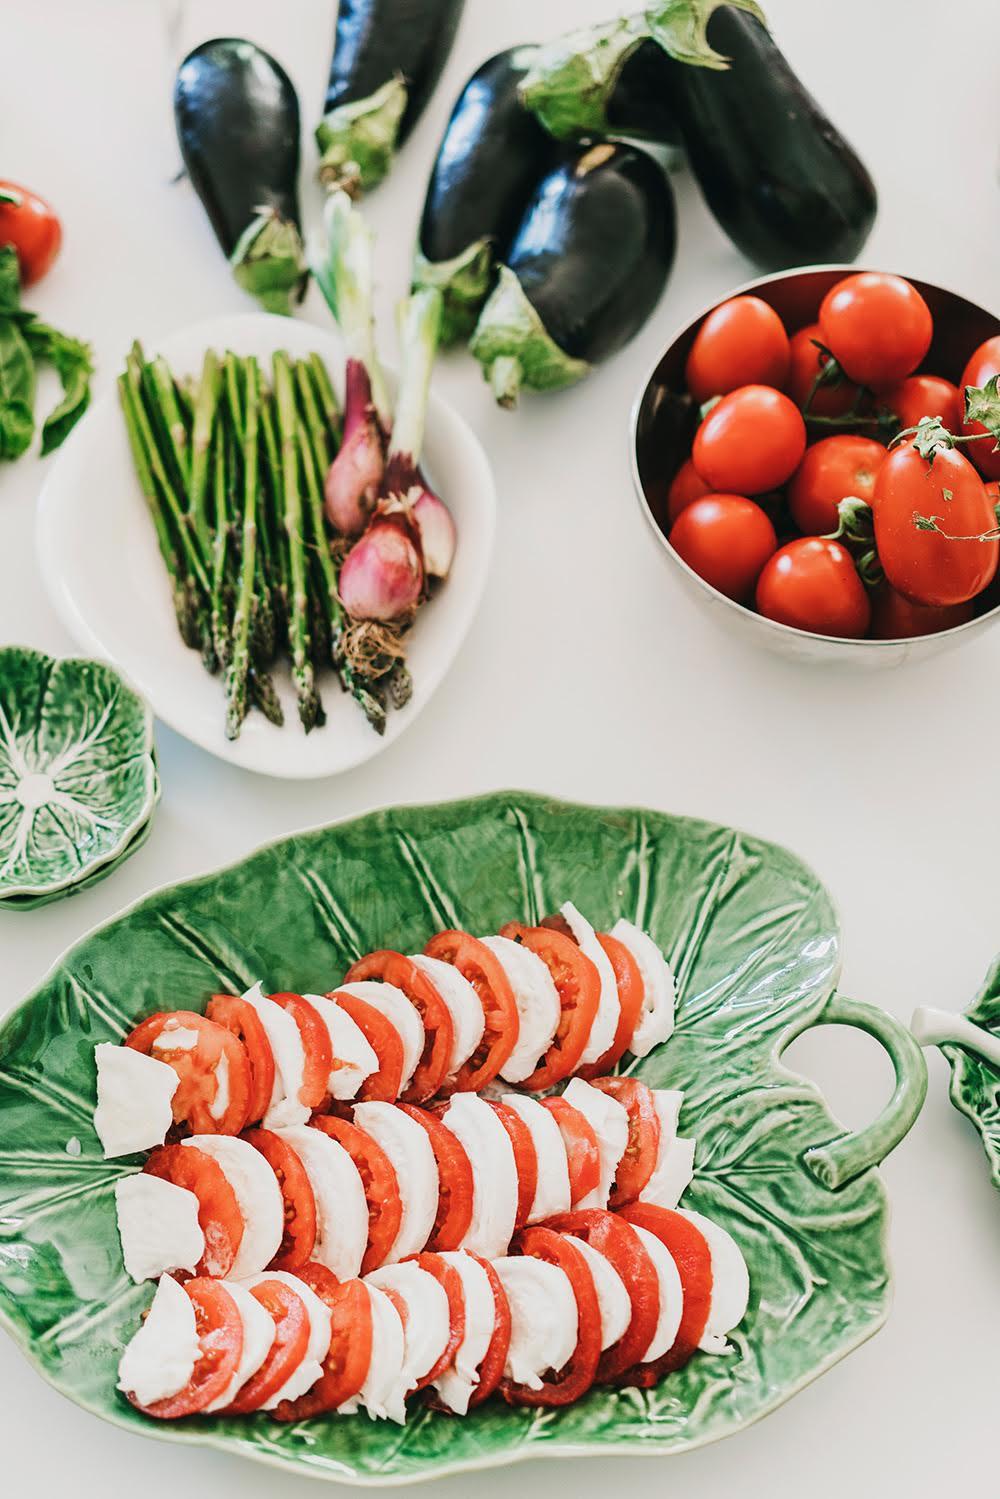 Ensalada caprese de tomate y mozzarella con pesto — Delicious & Sons